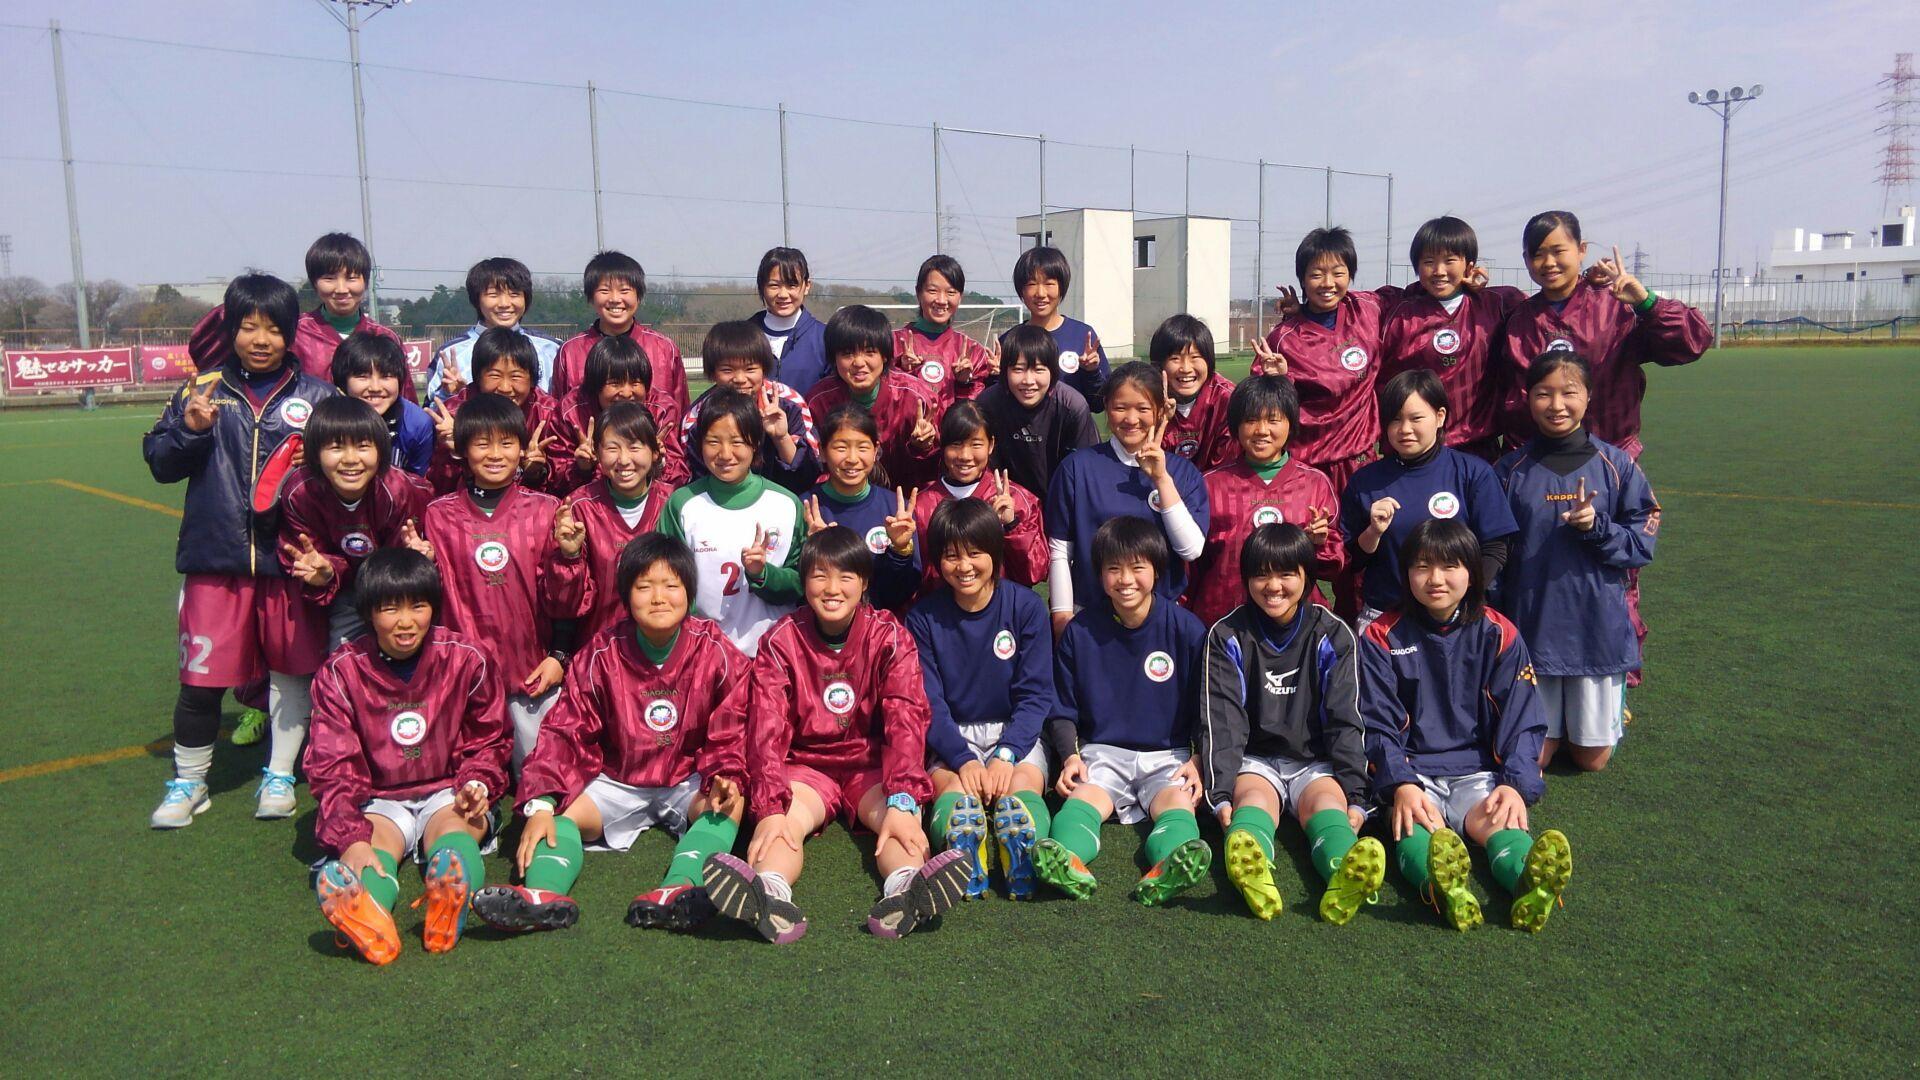 十文字高校: 大阪桐蔭高校女子サッカーブログ